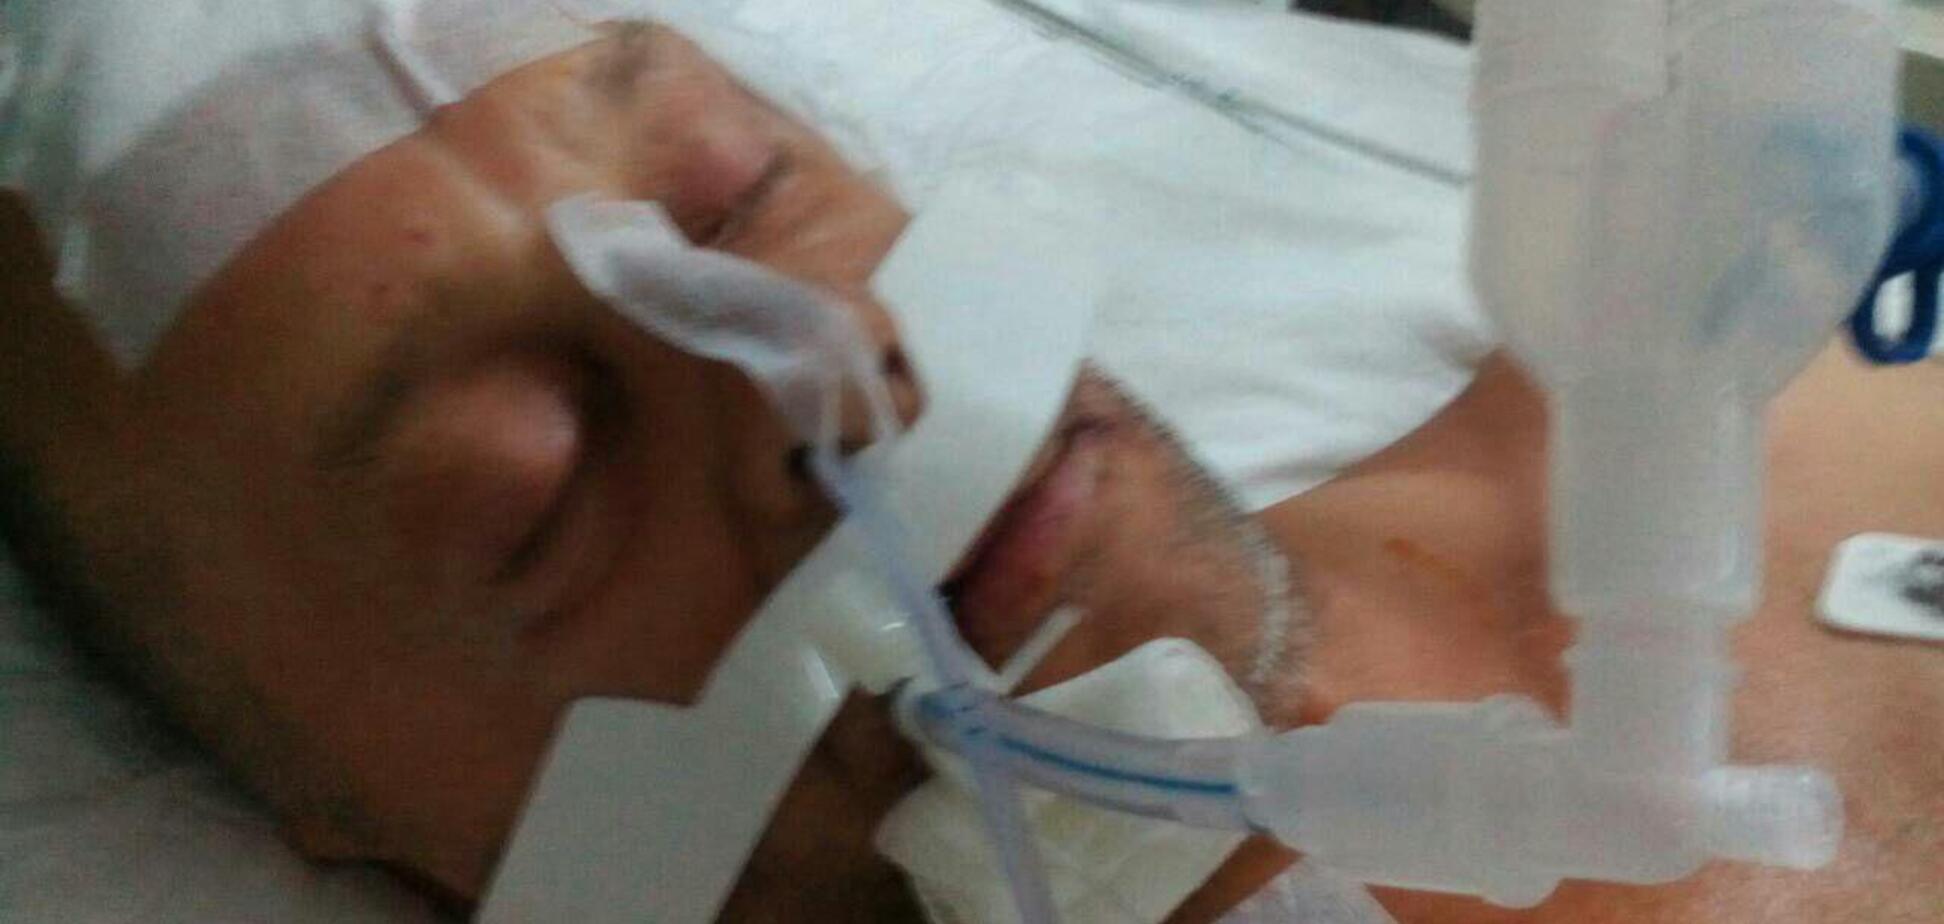 Росіянин напав на курорті: з'ясувалася доля жорстоко побитого українця